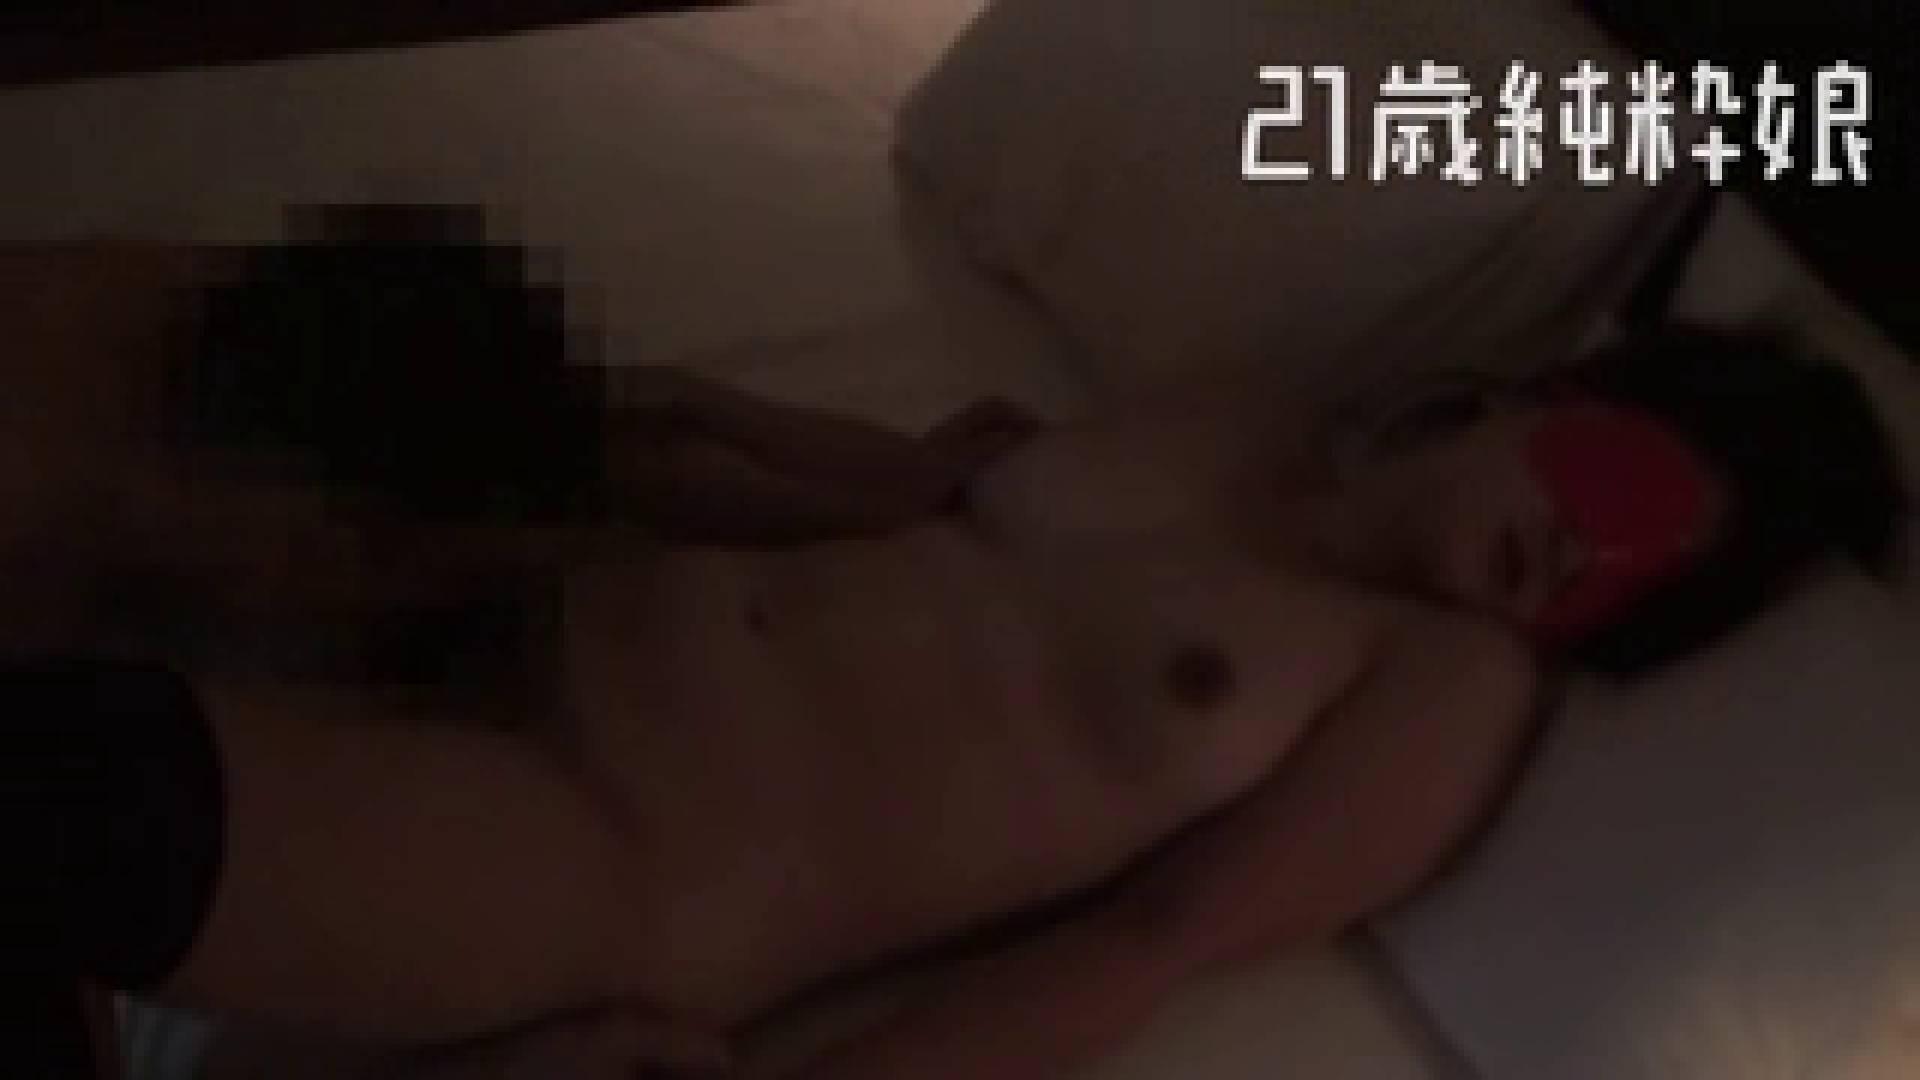 上京したばかりのGカップ21歳純粋嬢を都合の良い女にしてみた4 一般投稿 スケベ動画紹介 89枚 72